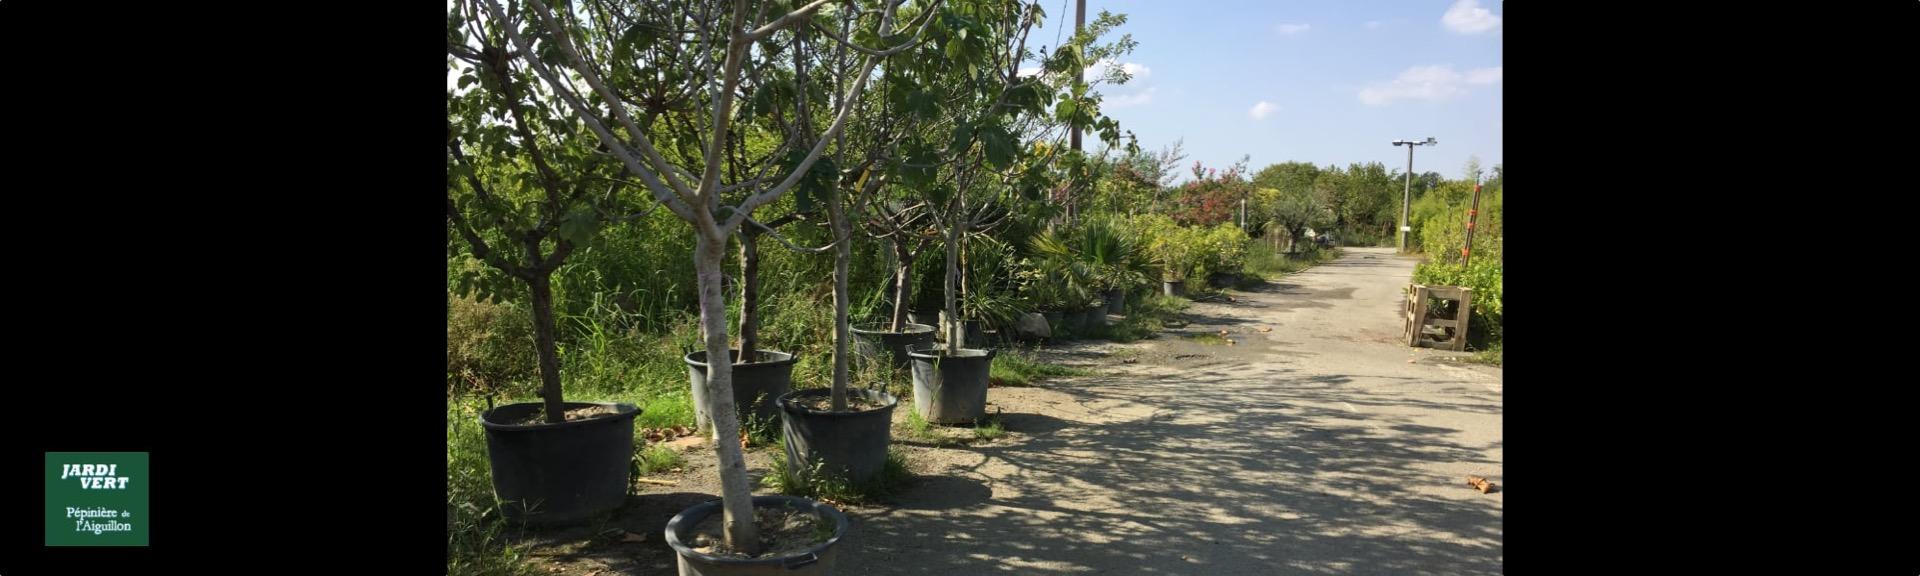 Vente de grands arbres fruitiers - Jardinerie pépinière de l'Aiguillon, Jardi Vert à Toulouse